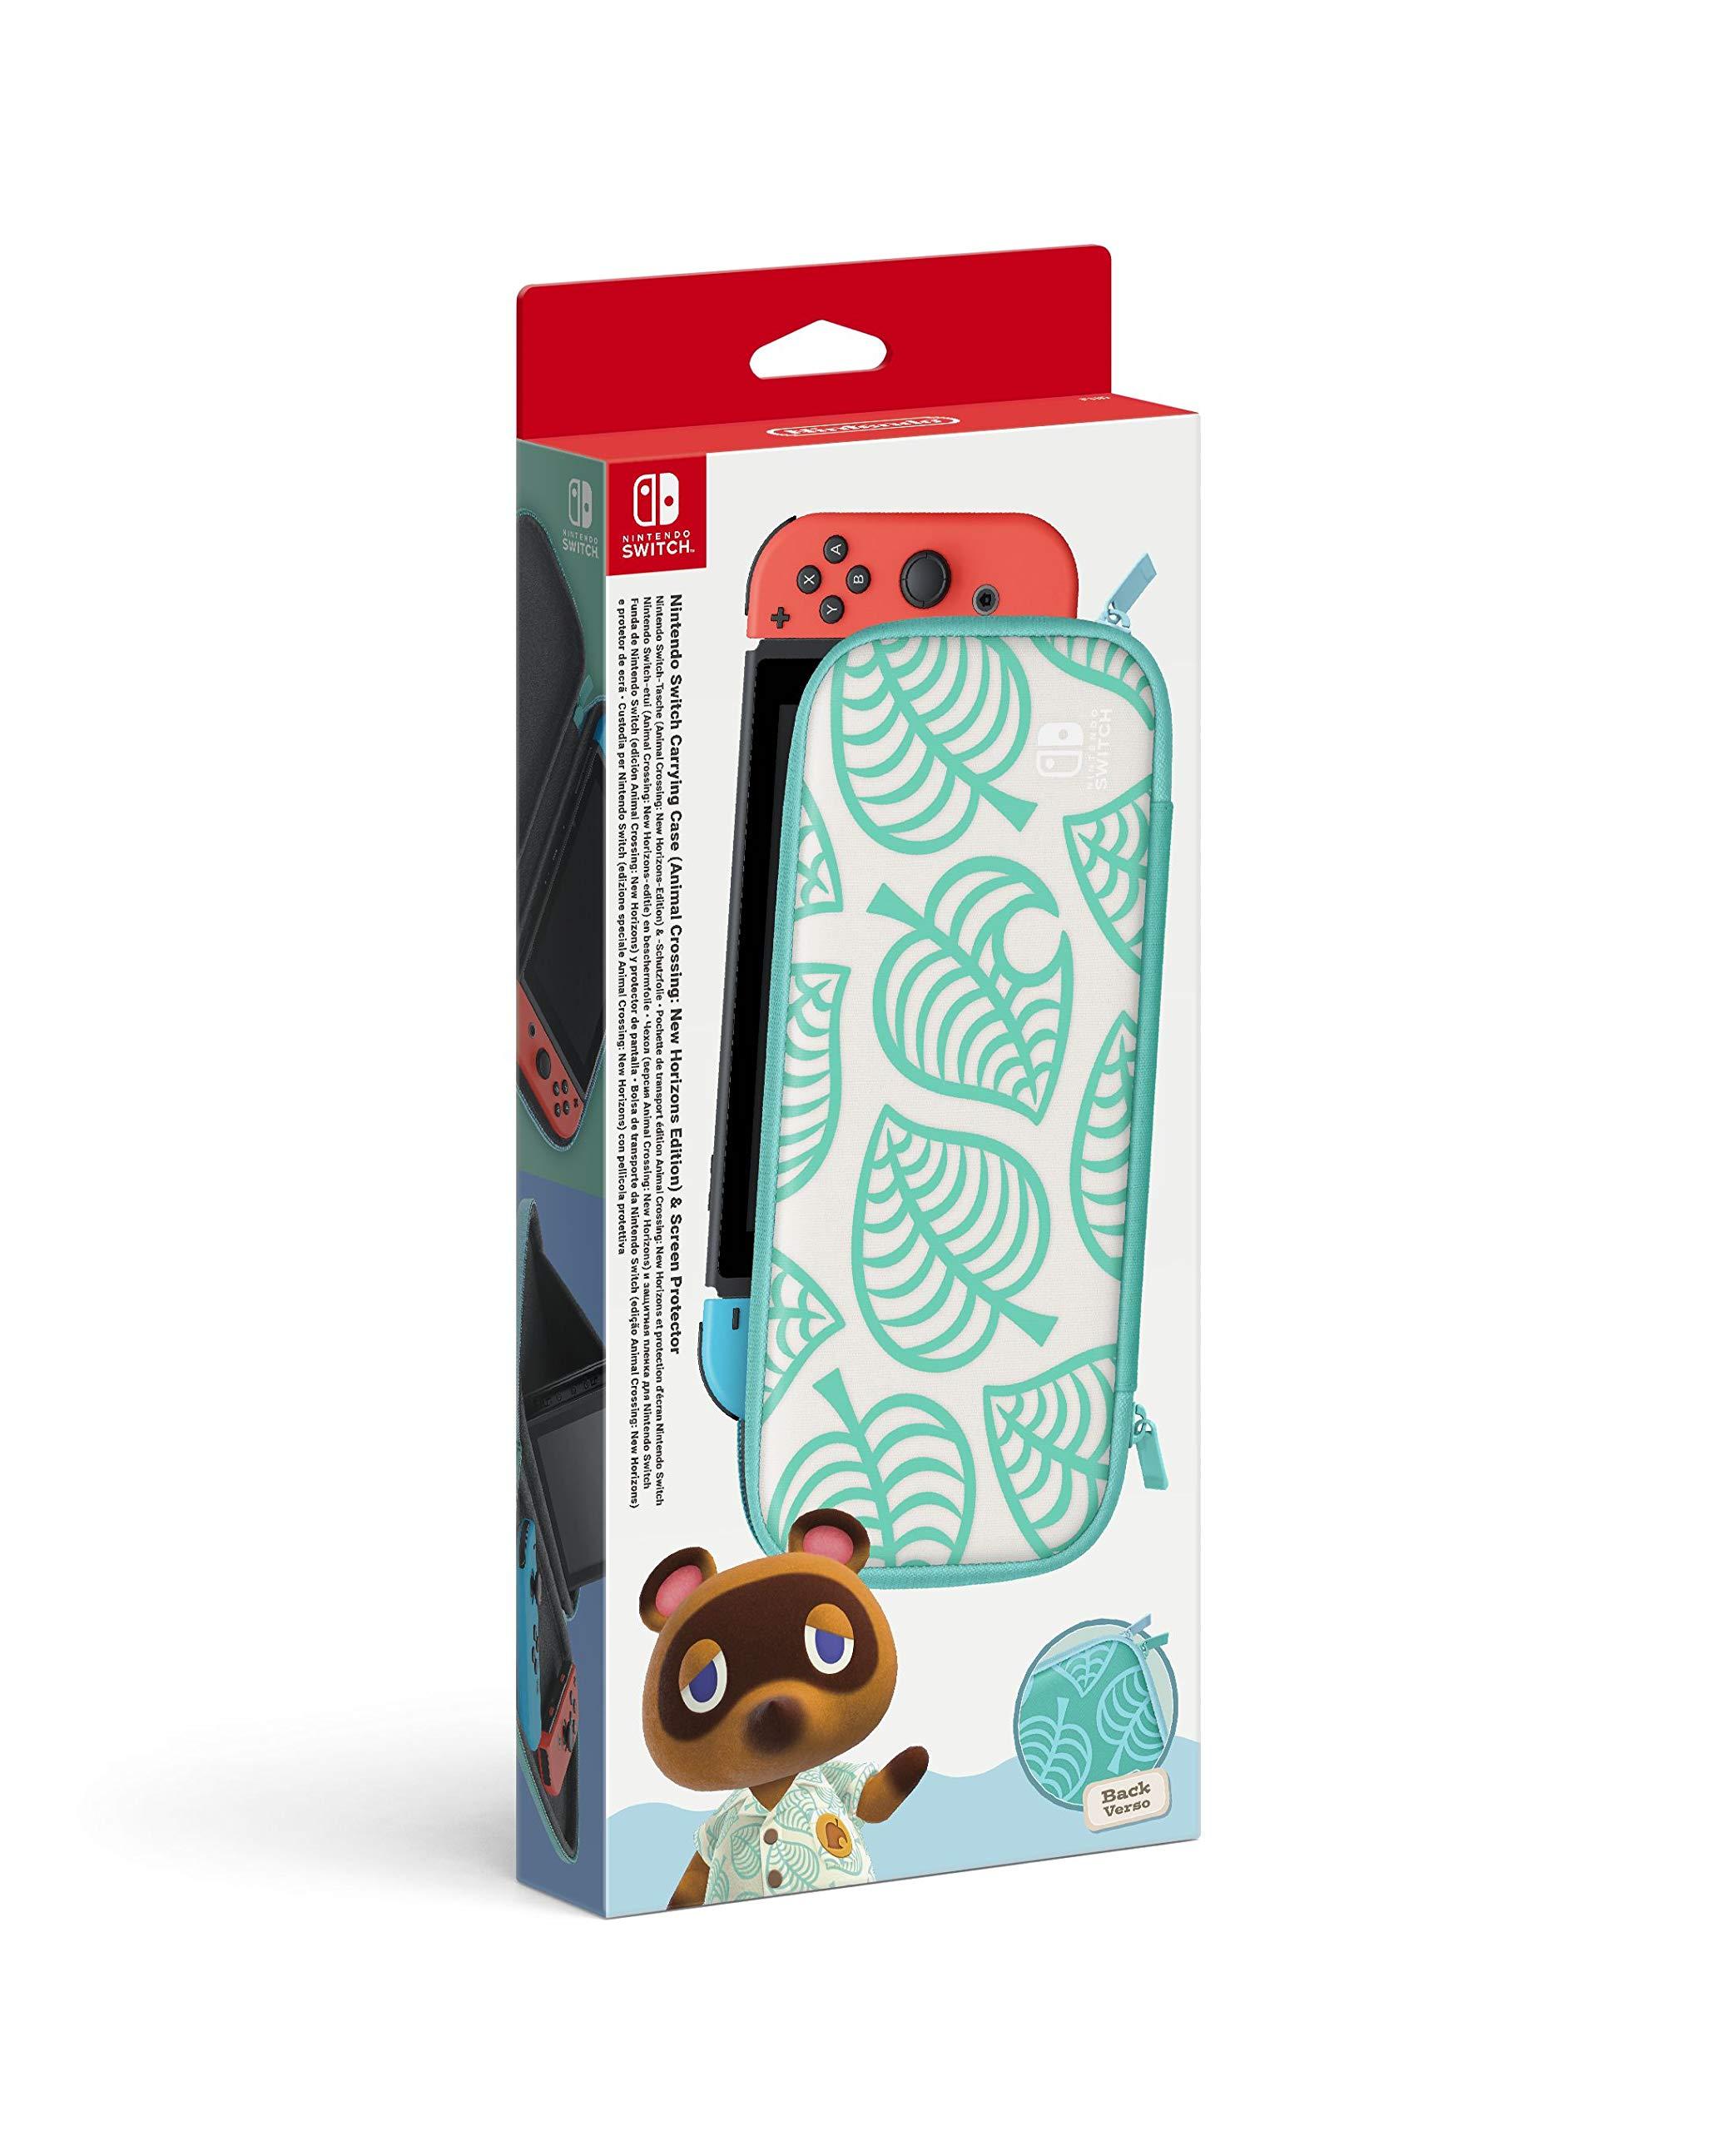 Funda + protector LCD para consola Nintendo Switch edición Animal Crossing: New Horizons (Nintendo Switch): Amazon.es: Videojuegos